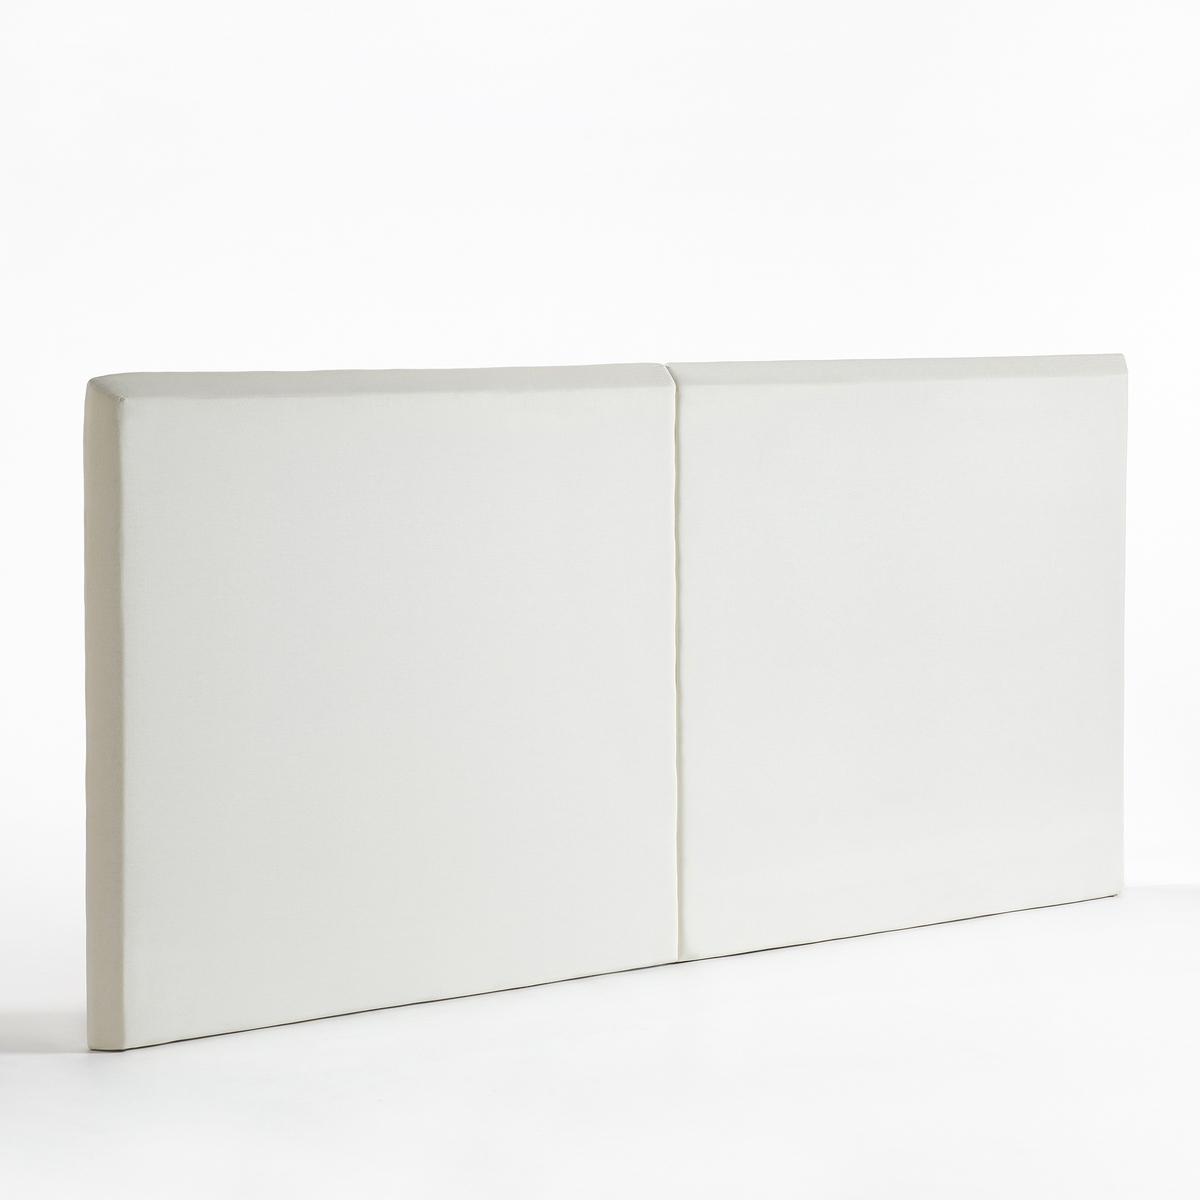 Изголовье La Redoute Для кровати В см размер XL Sandor 180 см белый кровати 180 см